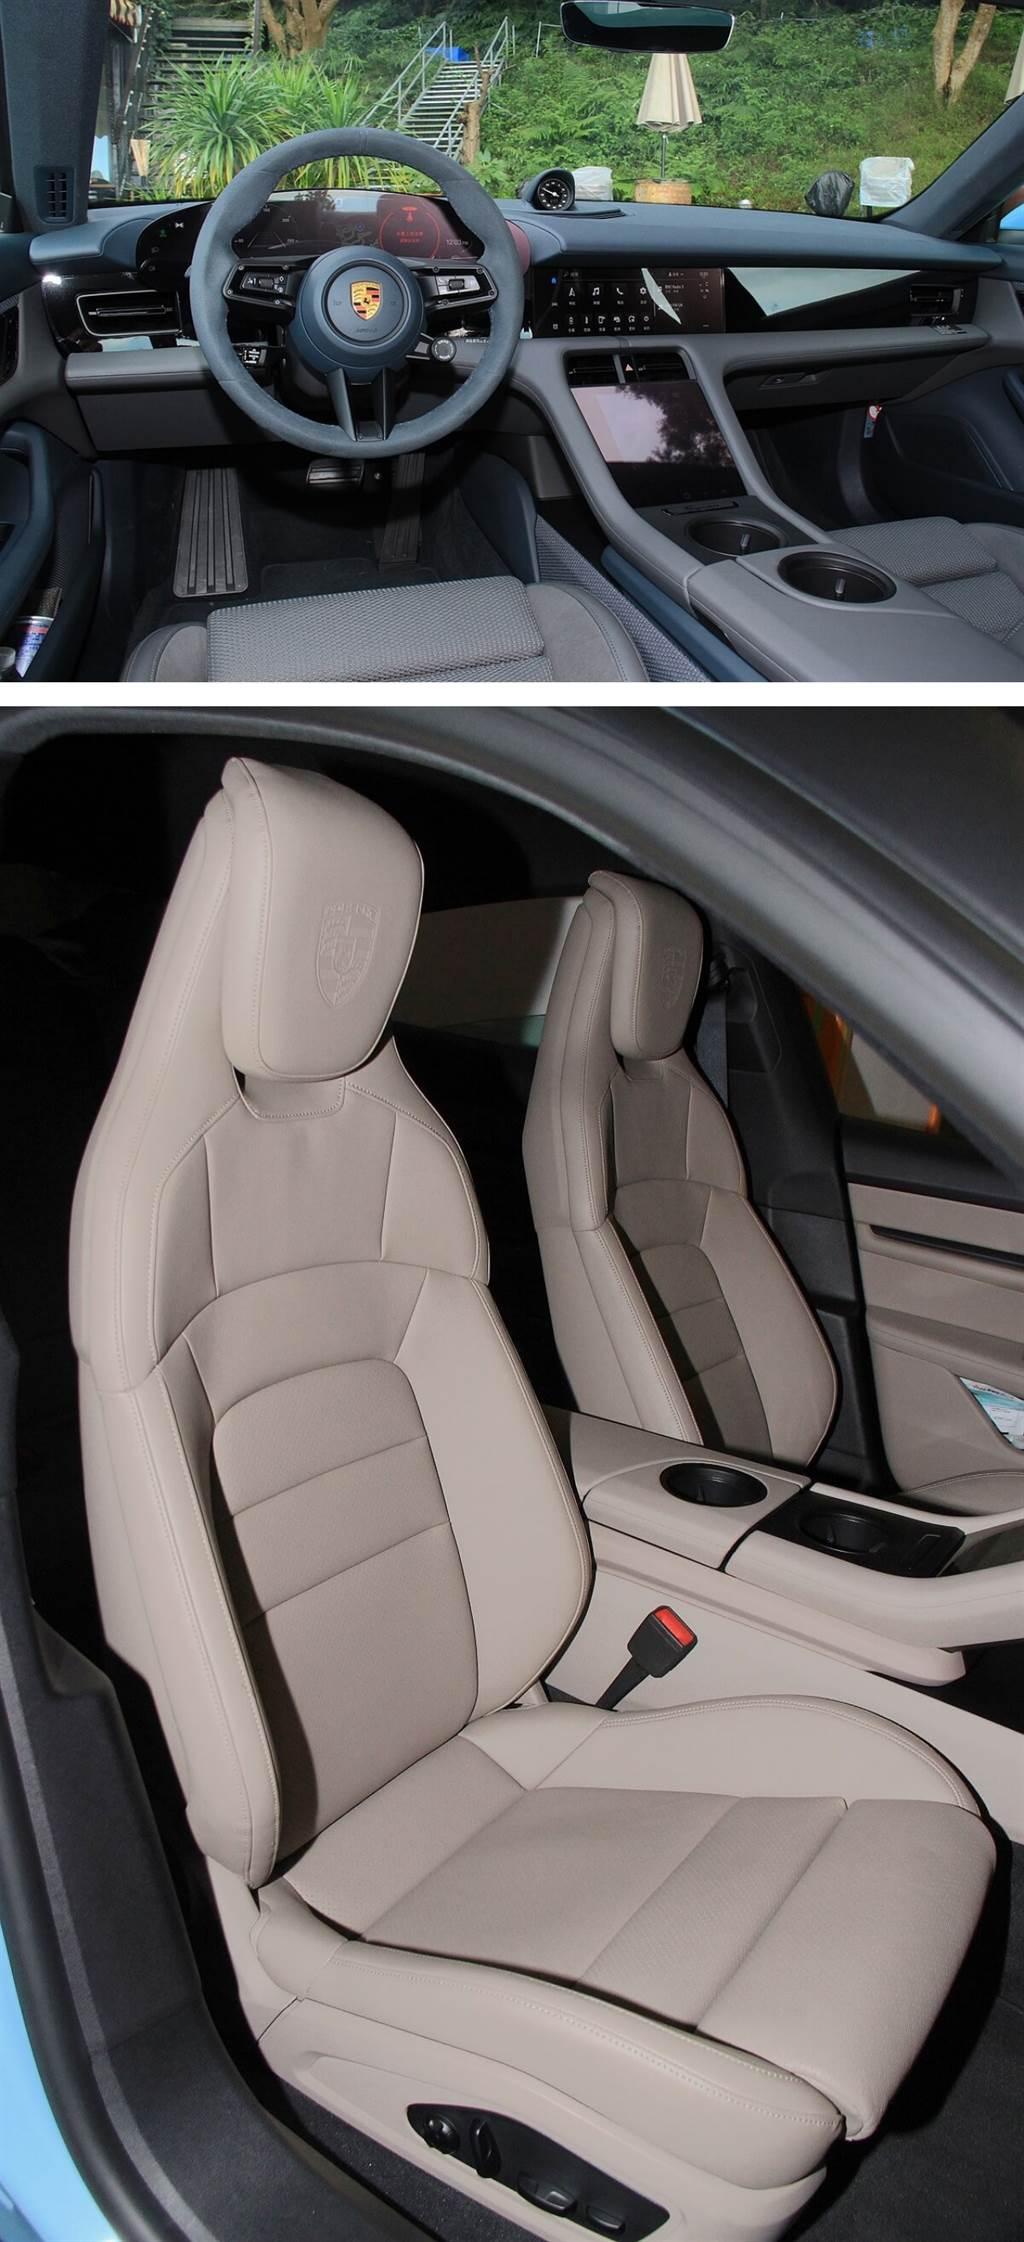 遵循永續理念的Club皮革,亦即「OLEA」,該款皮革鞣製過程中使用了橄欖葉。Taycan也是保時捷首款提供「無皮革」內裝的車款(下圖),此款Leather-free內裝在Taycan 4S中須加價25.87萬,所採用的Race-Tex超細纖維材料,是一種由再生聚酯纖維制成的紡織品。Porsche表示製作過程可比動物性皮革少80%的碳排放。另外,地板覆蓋物還使用再生纖維Econyl製程,其原料主要包括來自廢漁網的回收。